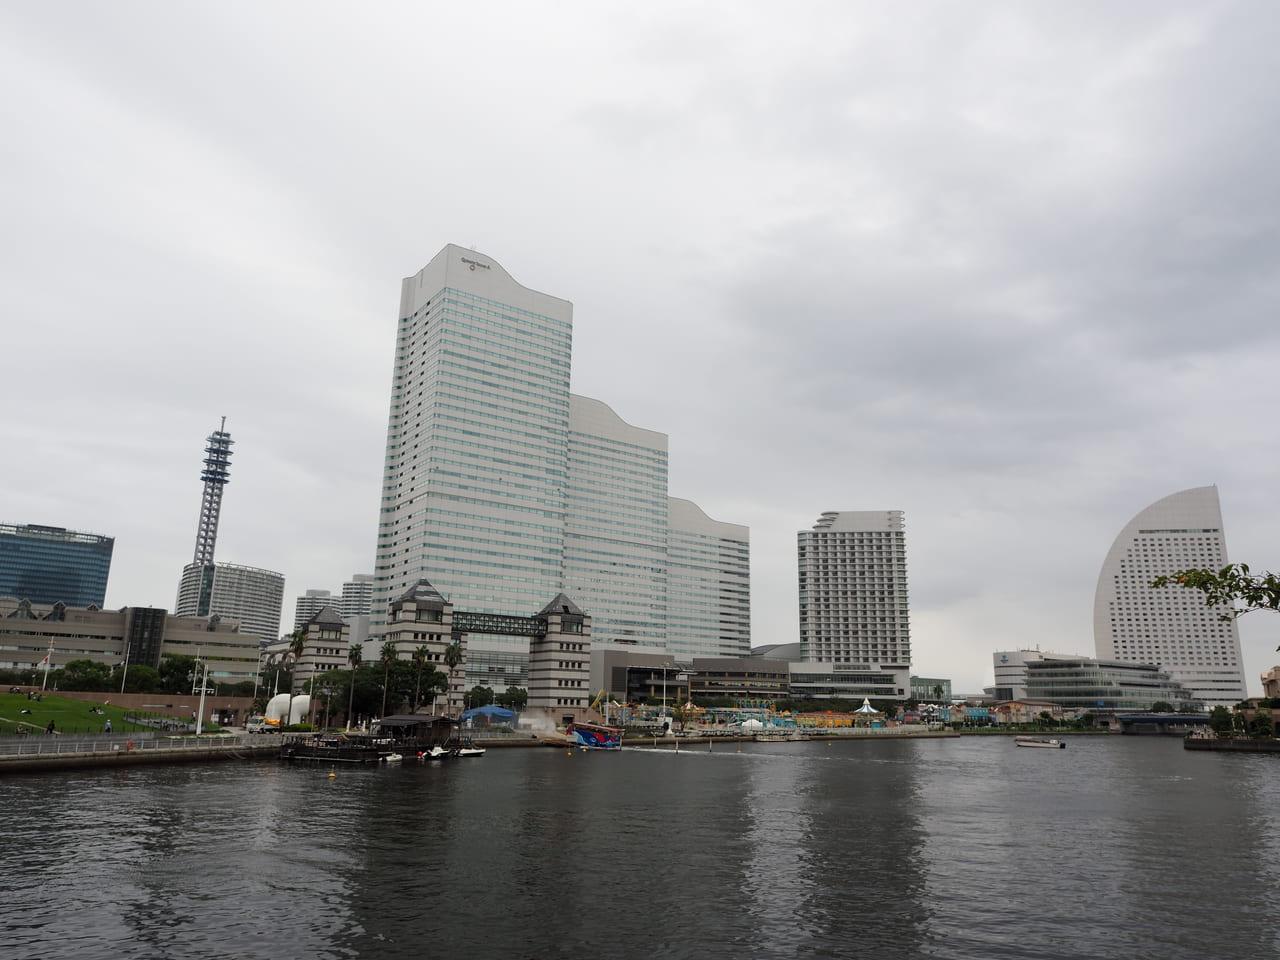 キャビン 横浜 エア 激変する「桜木町」の現状、横浜市役所の移転やロープウェイ計画まで